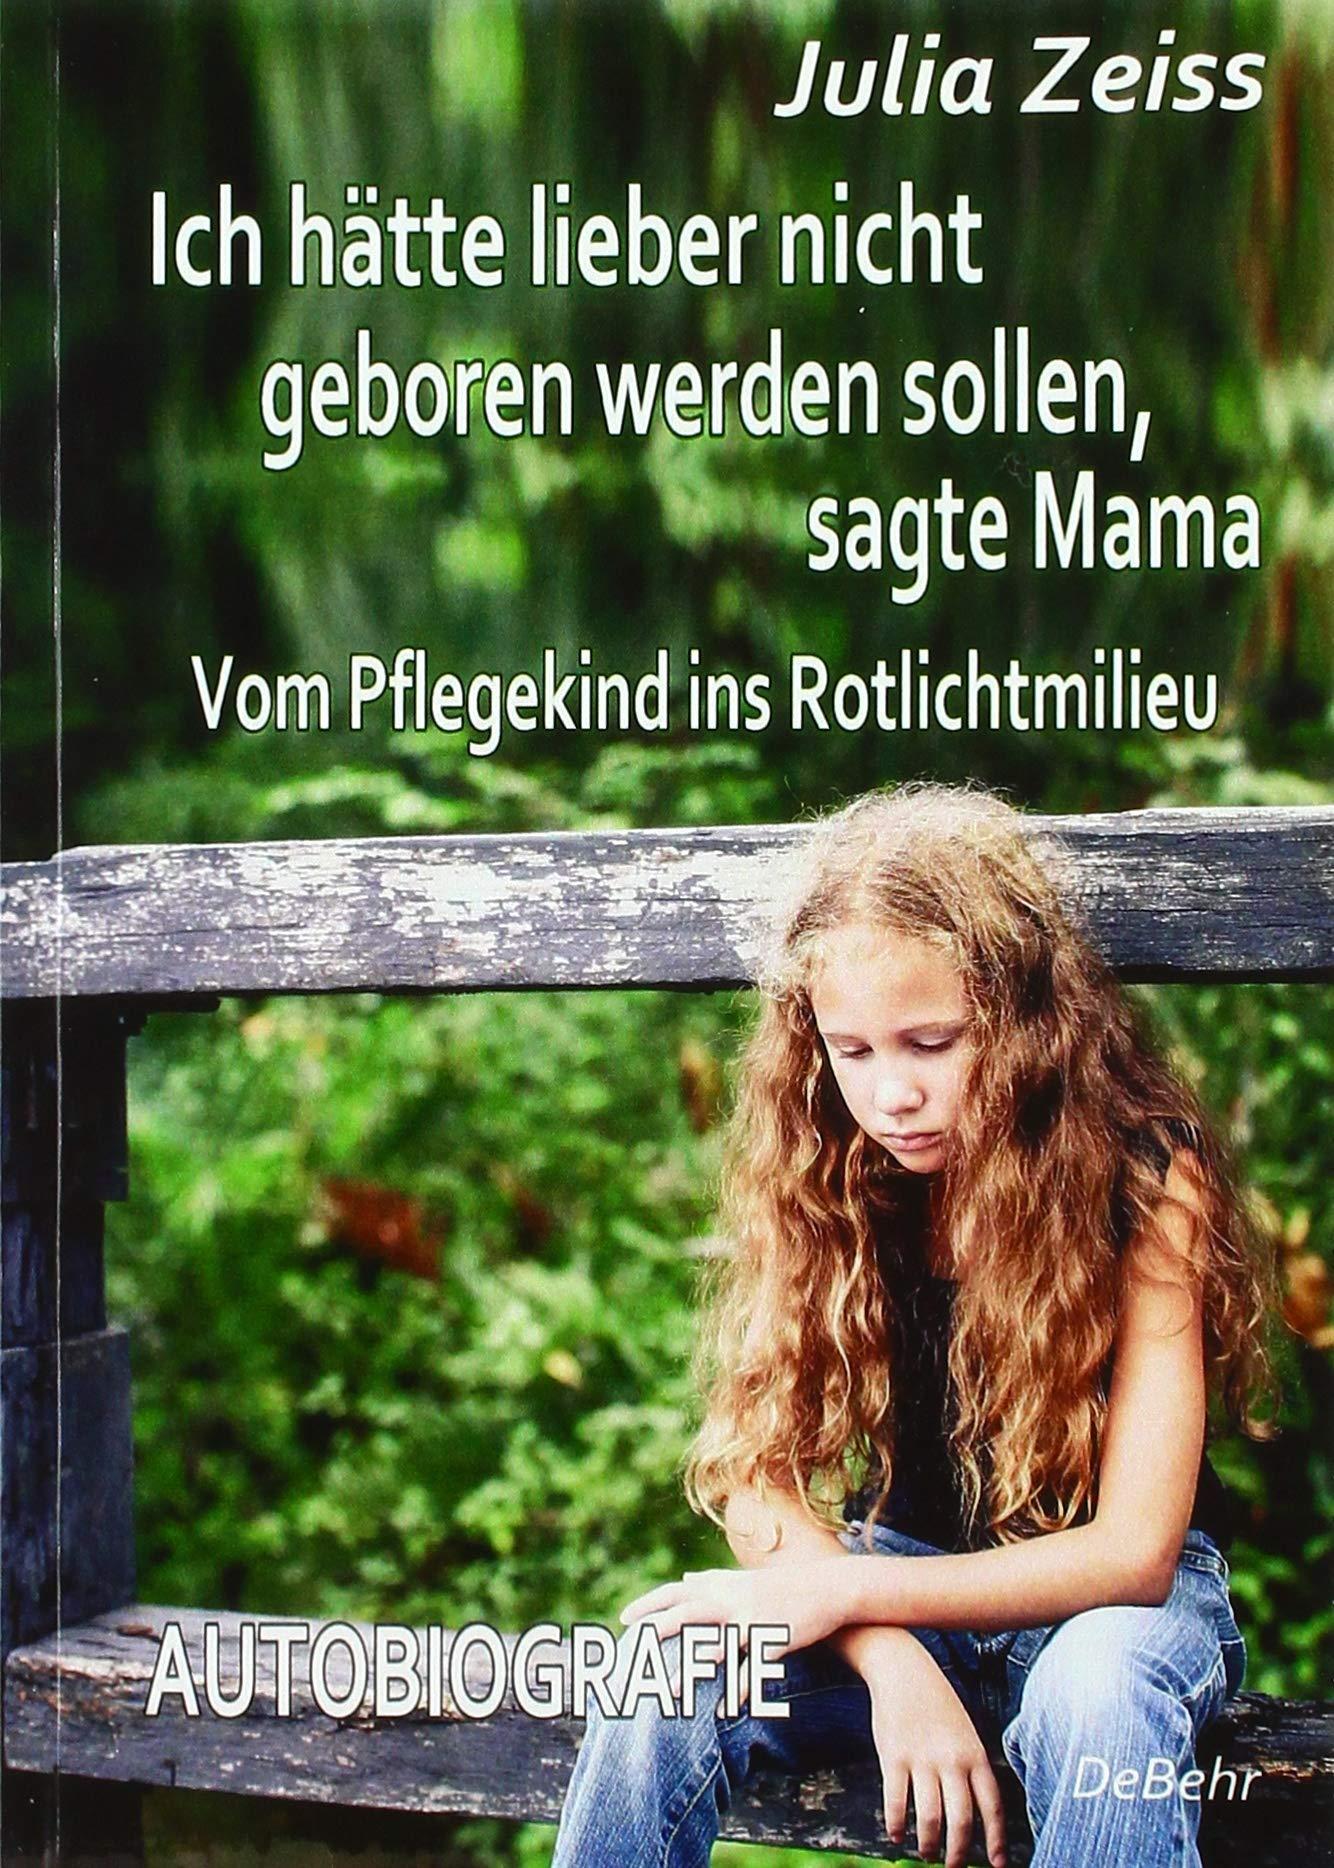 Ich hätte lieber nicht geboren werden sollen sagte Mama - Vom Pflegekind ins Rotlichtmilieu - Autobiografie